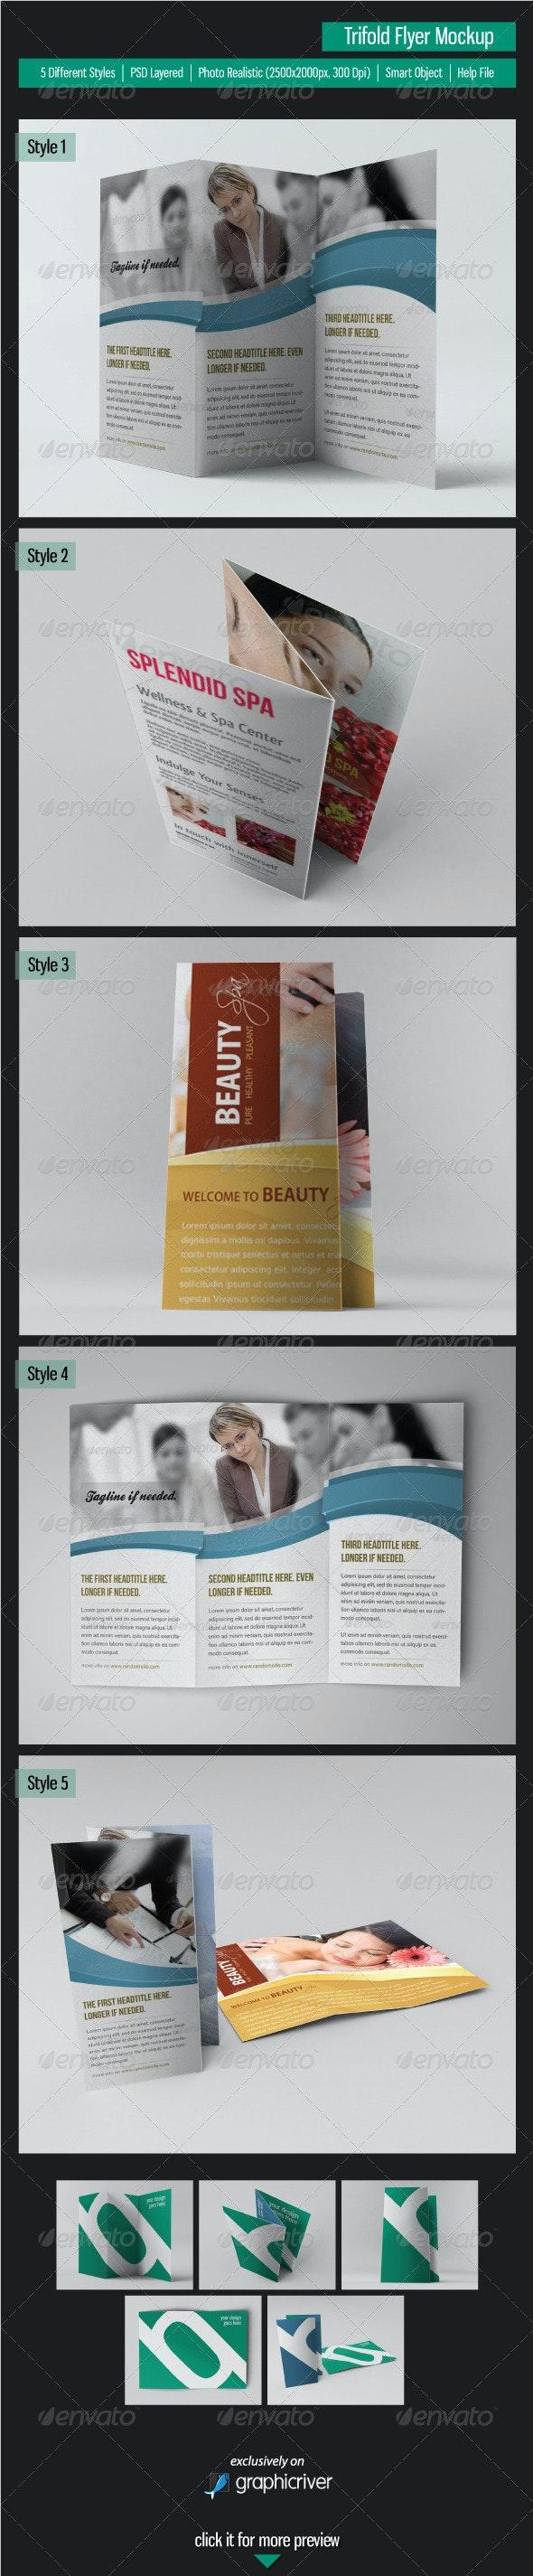 Trifold Flyer Mockup - Brochures Print